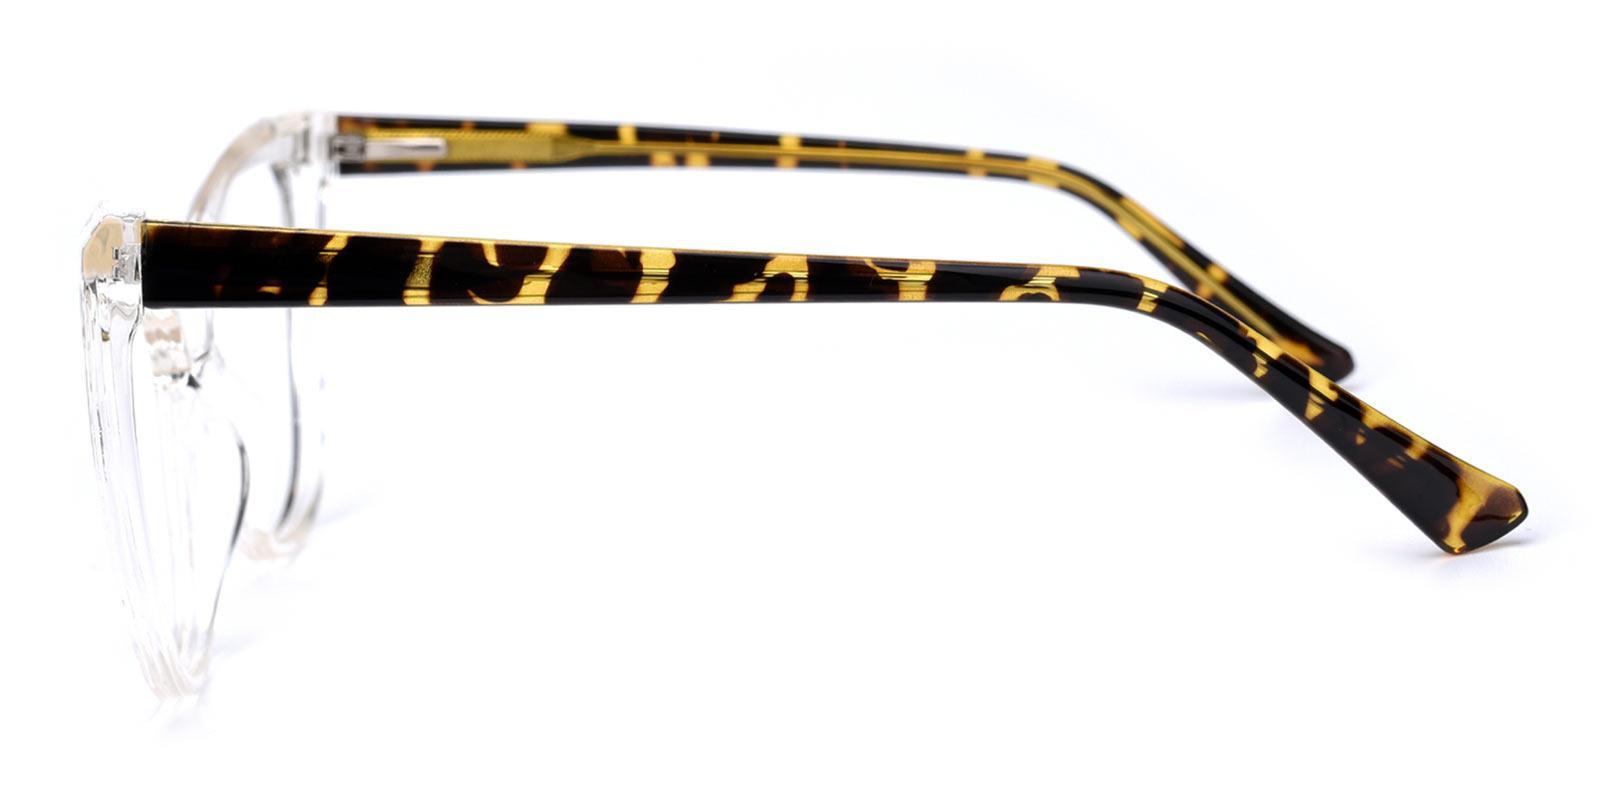 Liz-Tortoise-Cat-TR-Eyeglasses-detail